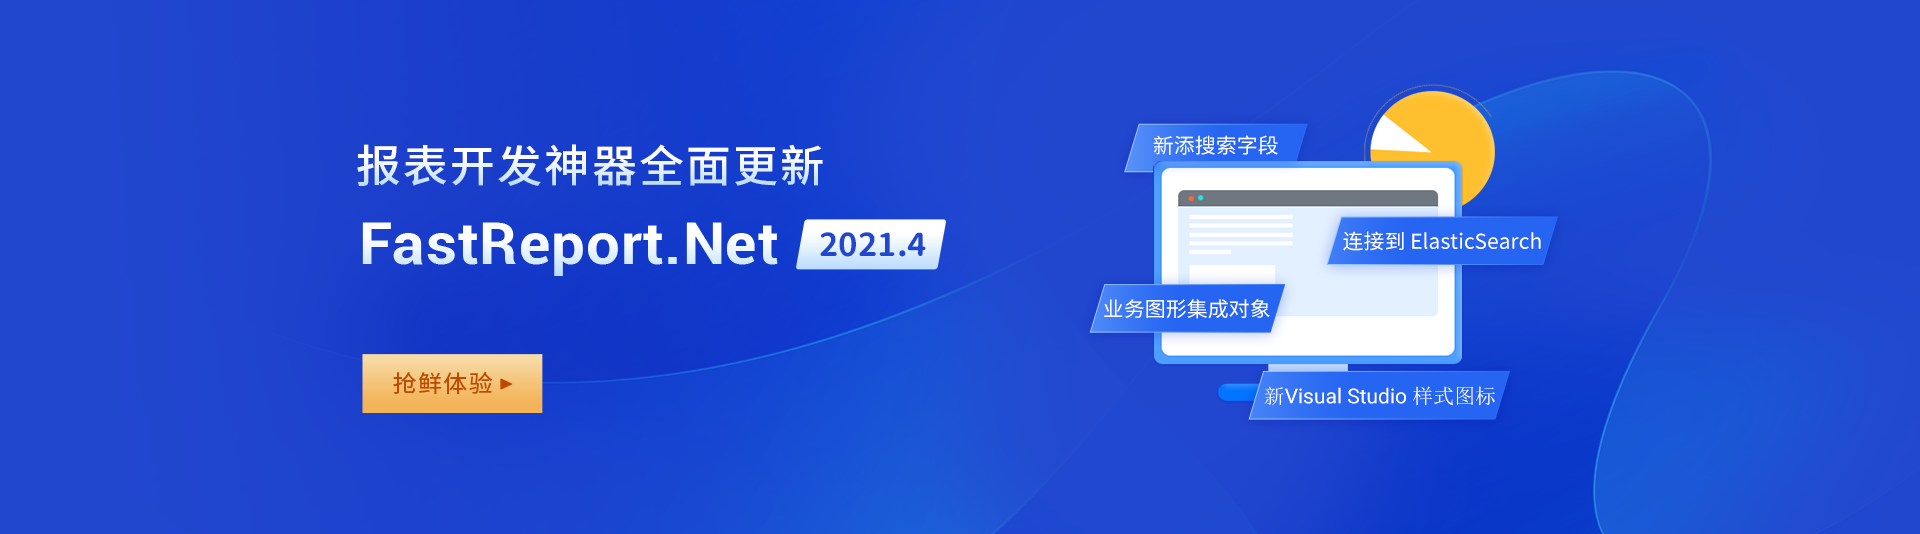 FastReport .net v2021.4更新